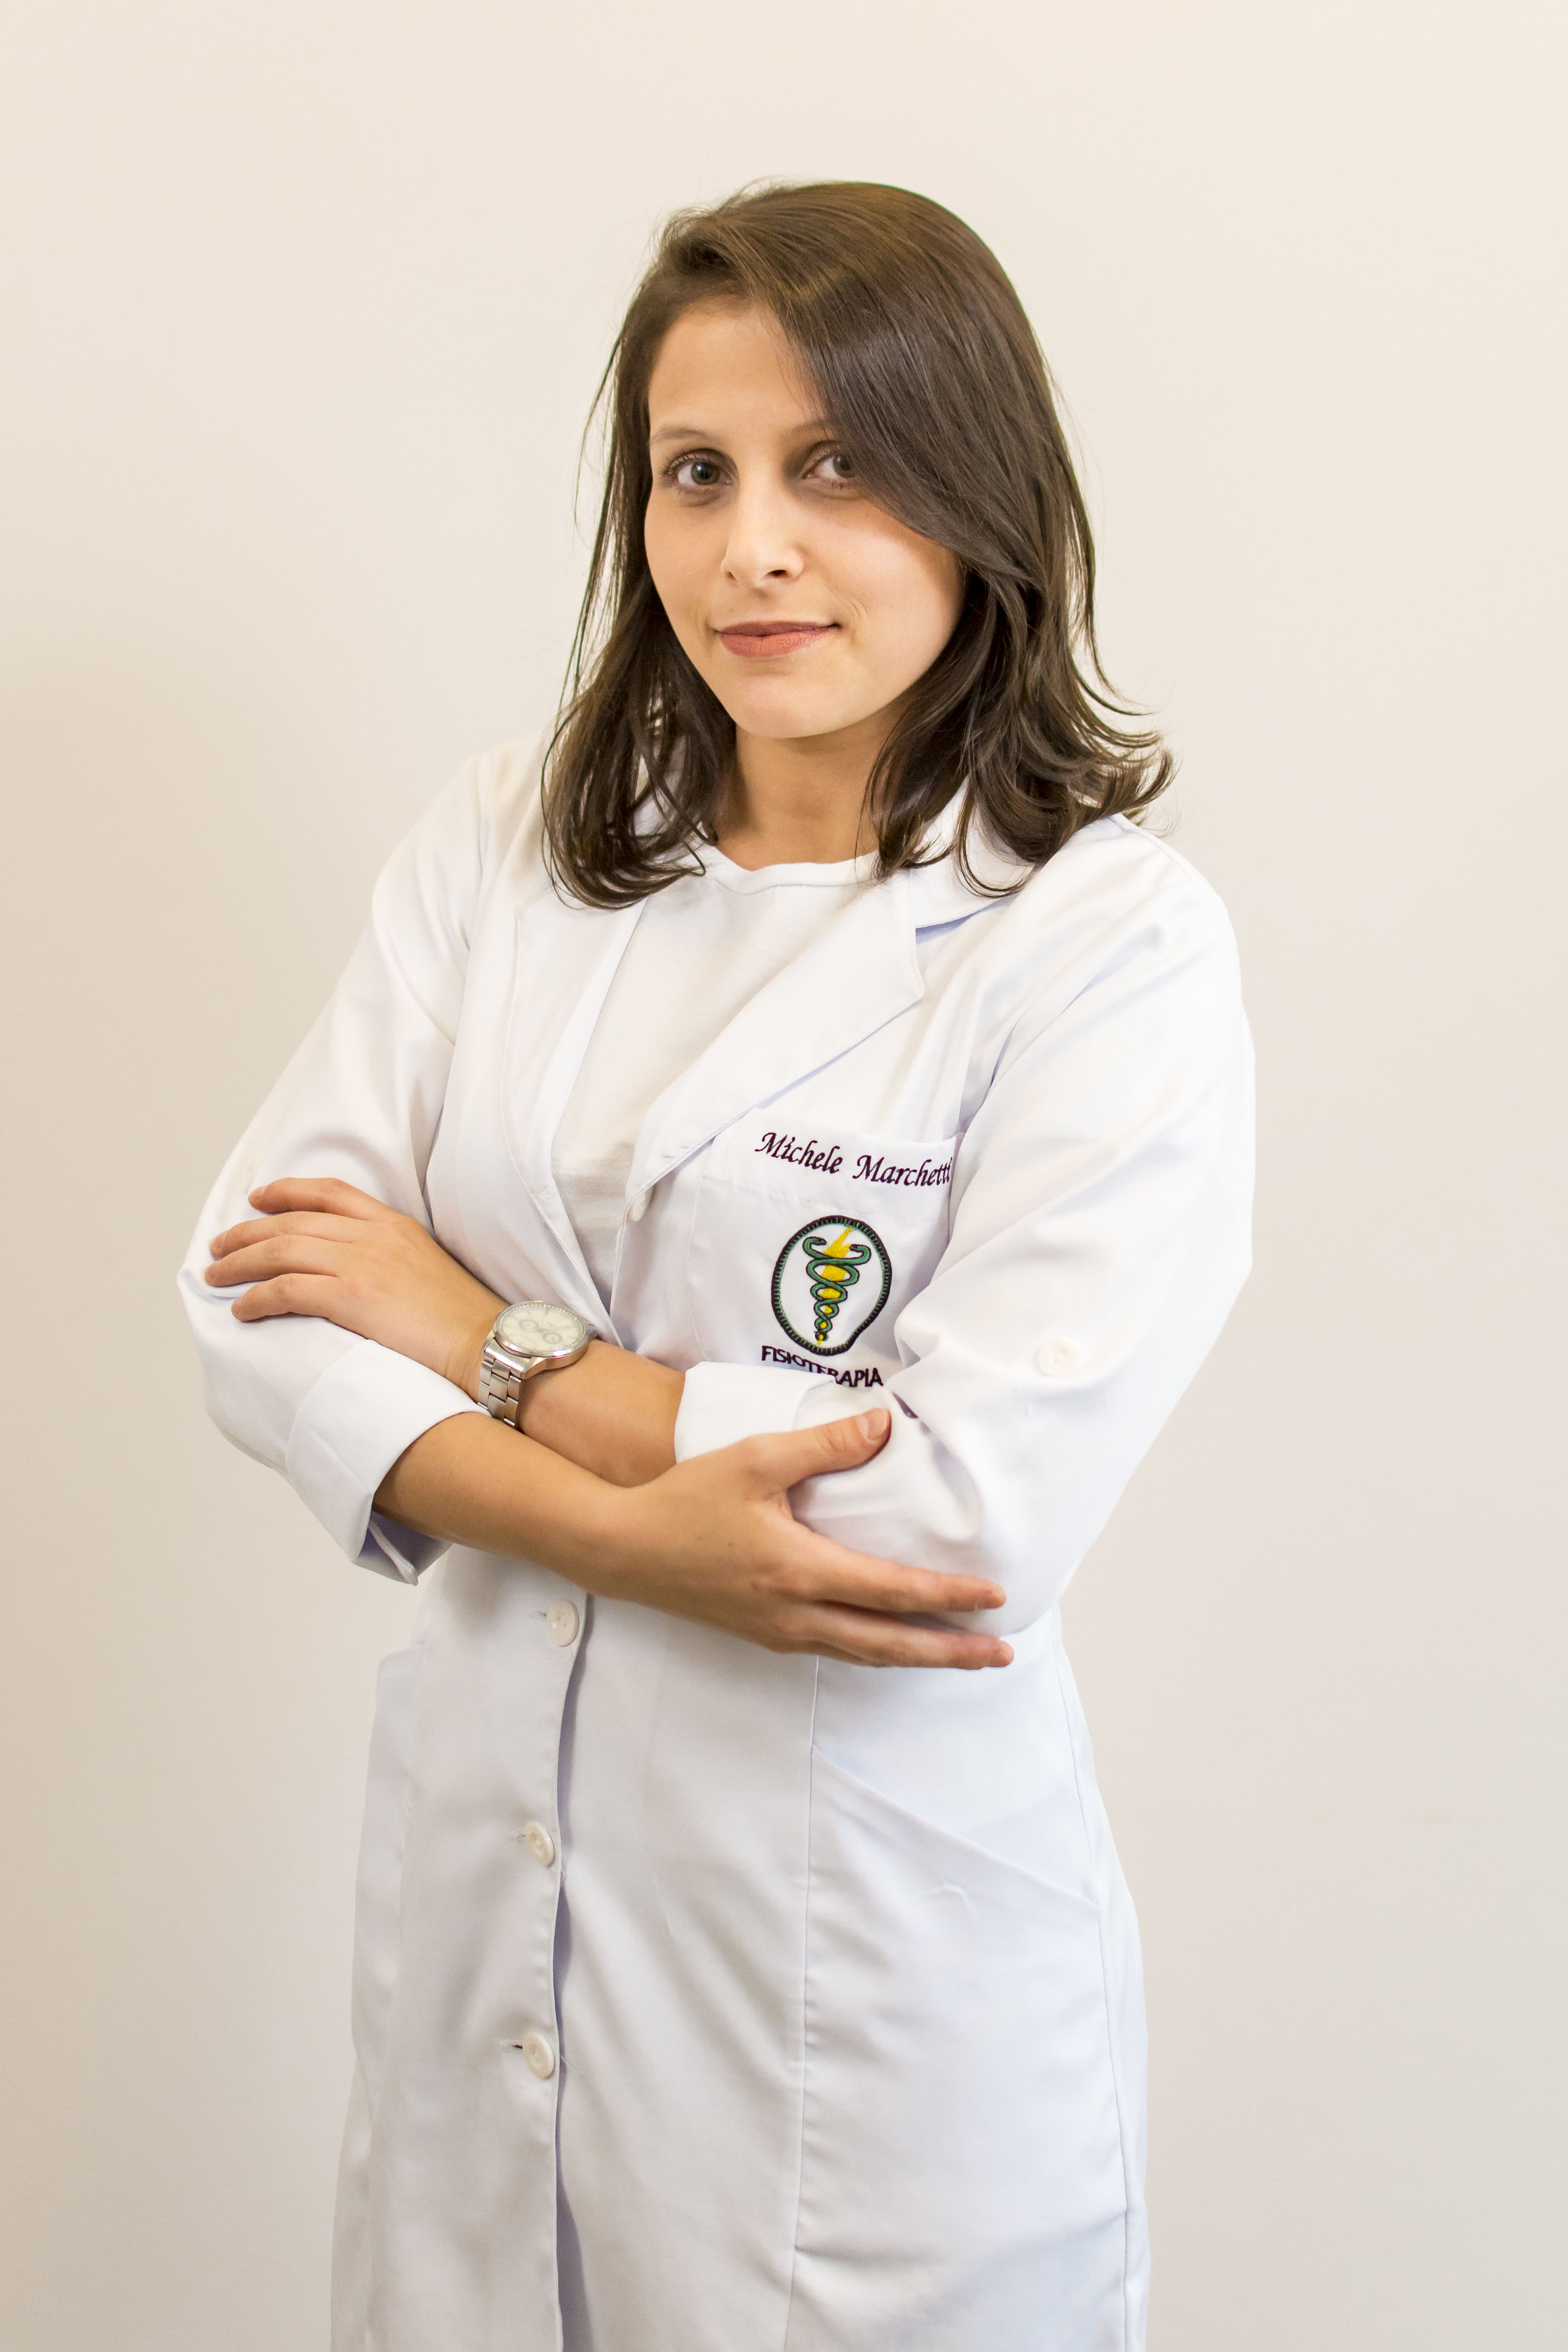 Dra. Michele Marchetti